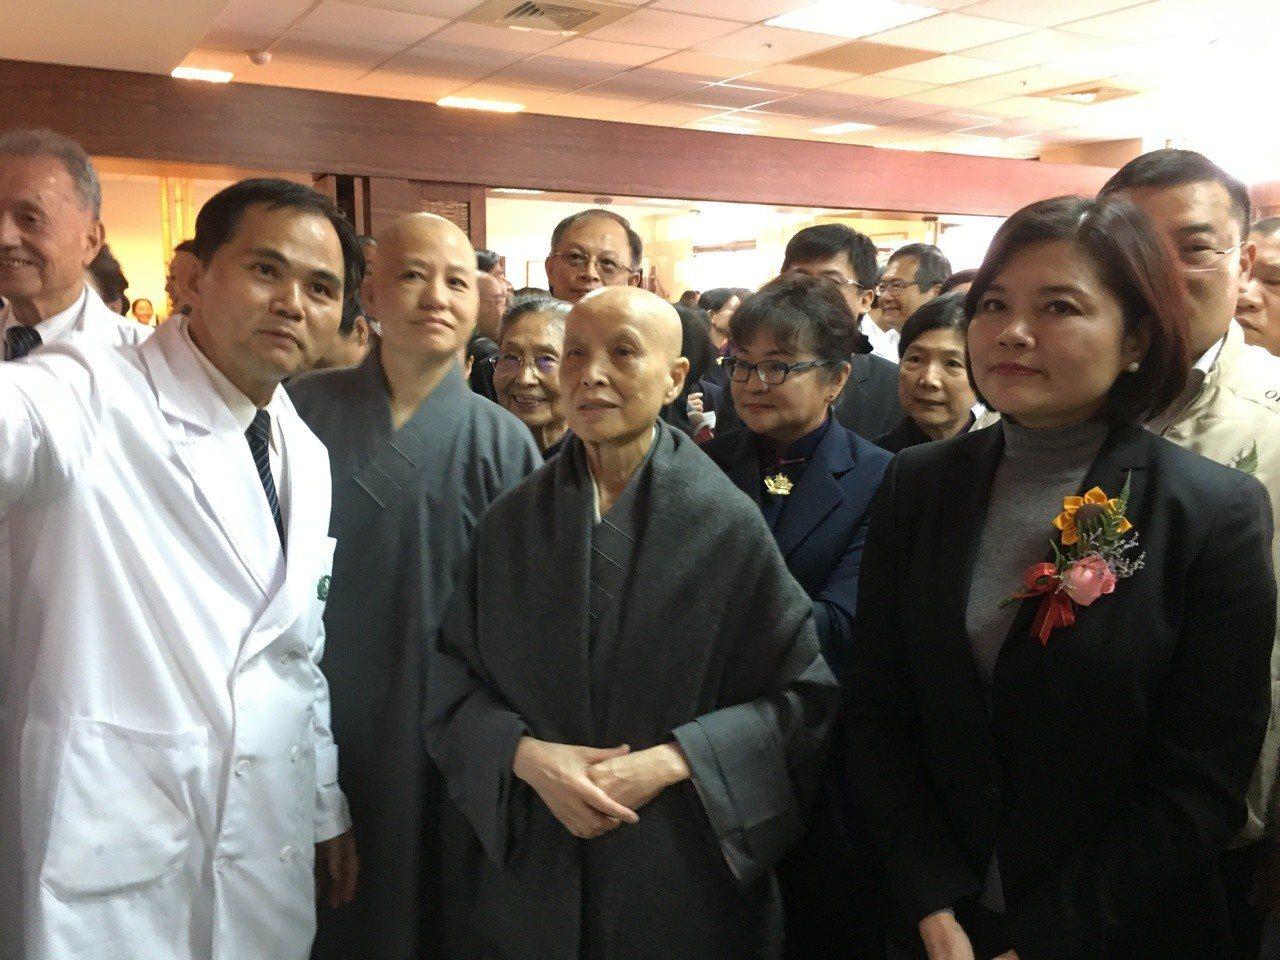 佛教慈濟醫院雲林斗六門診部在地耕耘15年,升格為斗六慈濟醫院,成為慈濟第7家醫院...